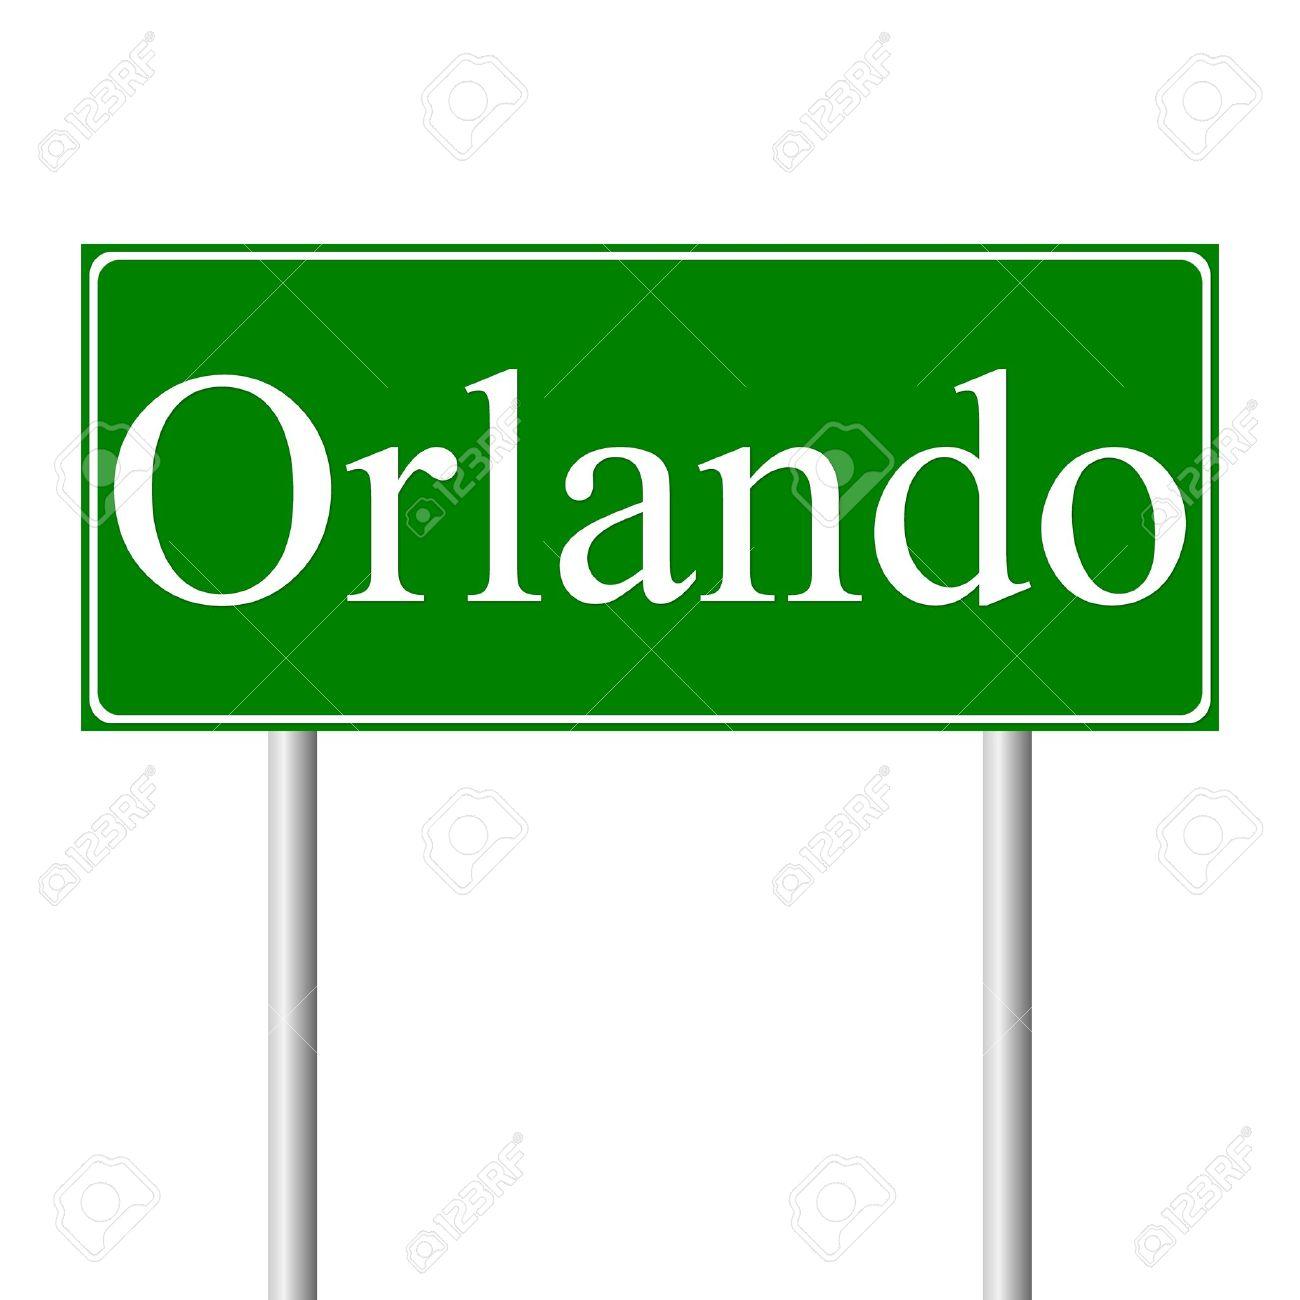 Orlando florida clipart.